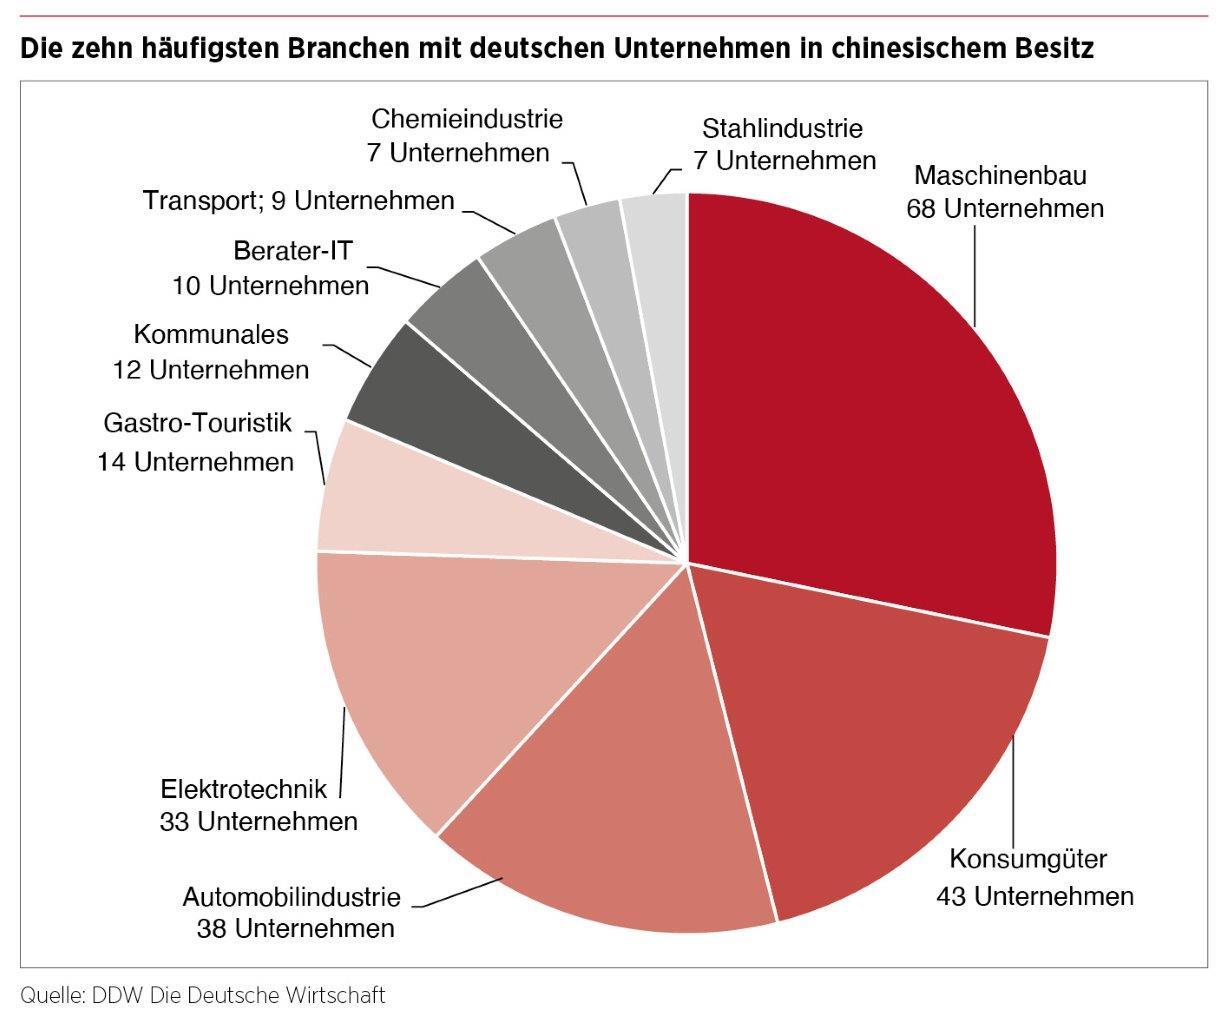 DDW Ranking; chinesische Eigentümer deutscher Unternehmen